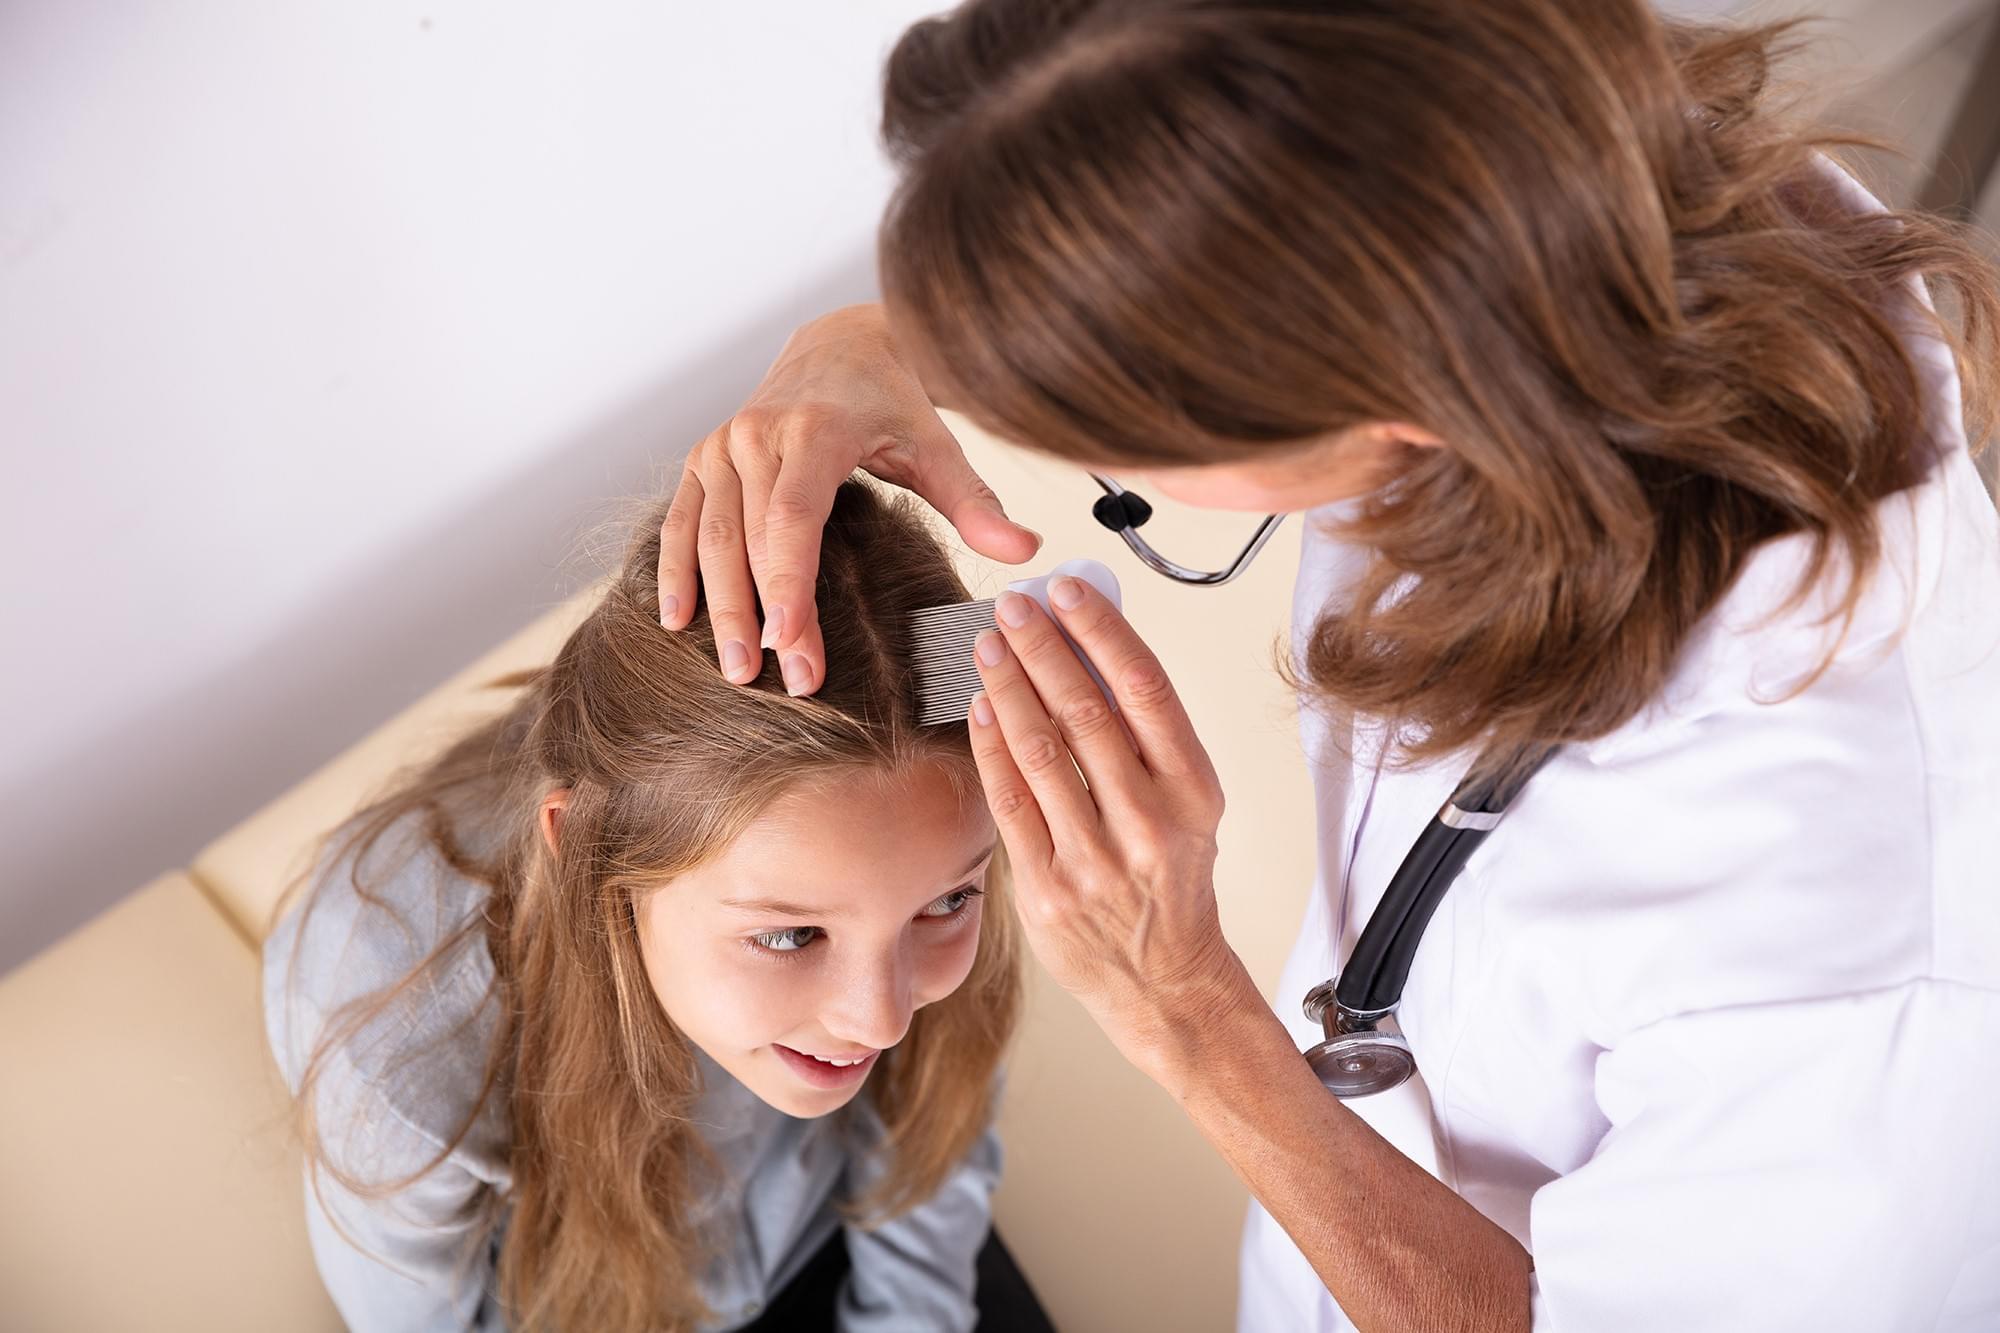 Doenças de Pele em Cabelo e Criança